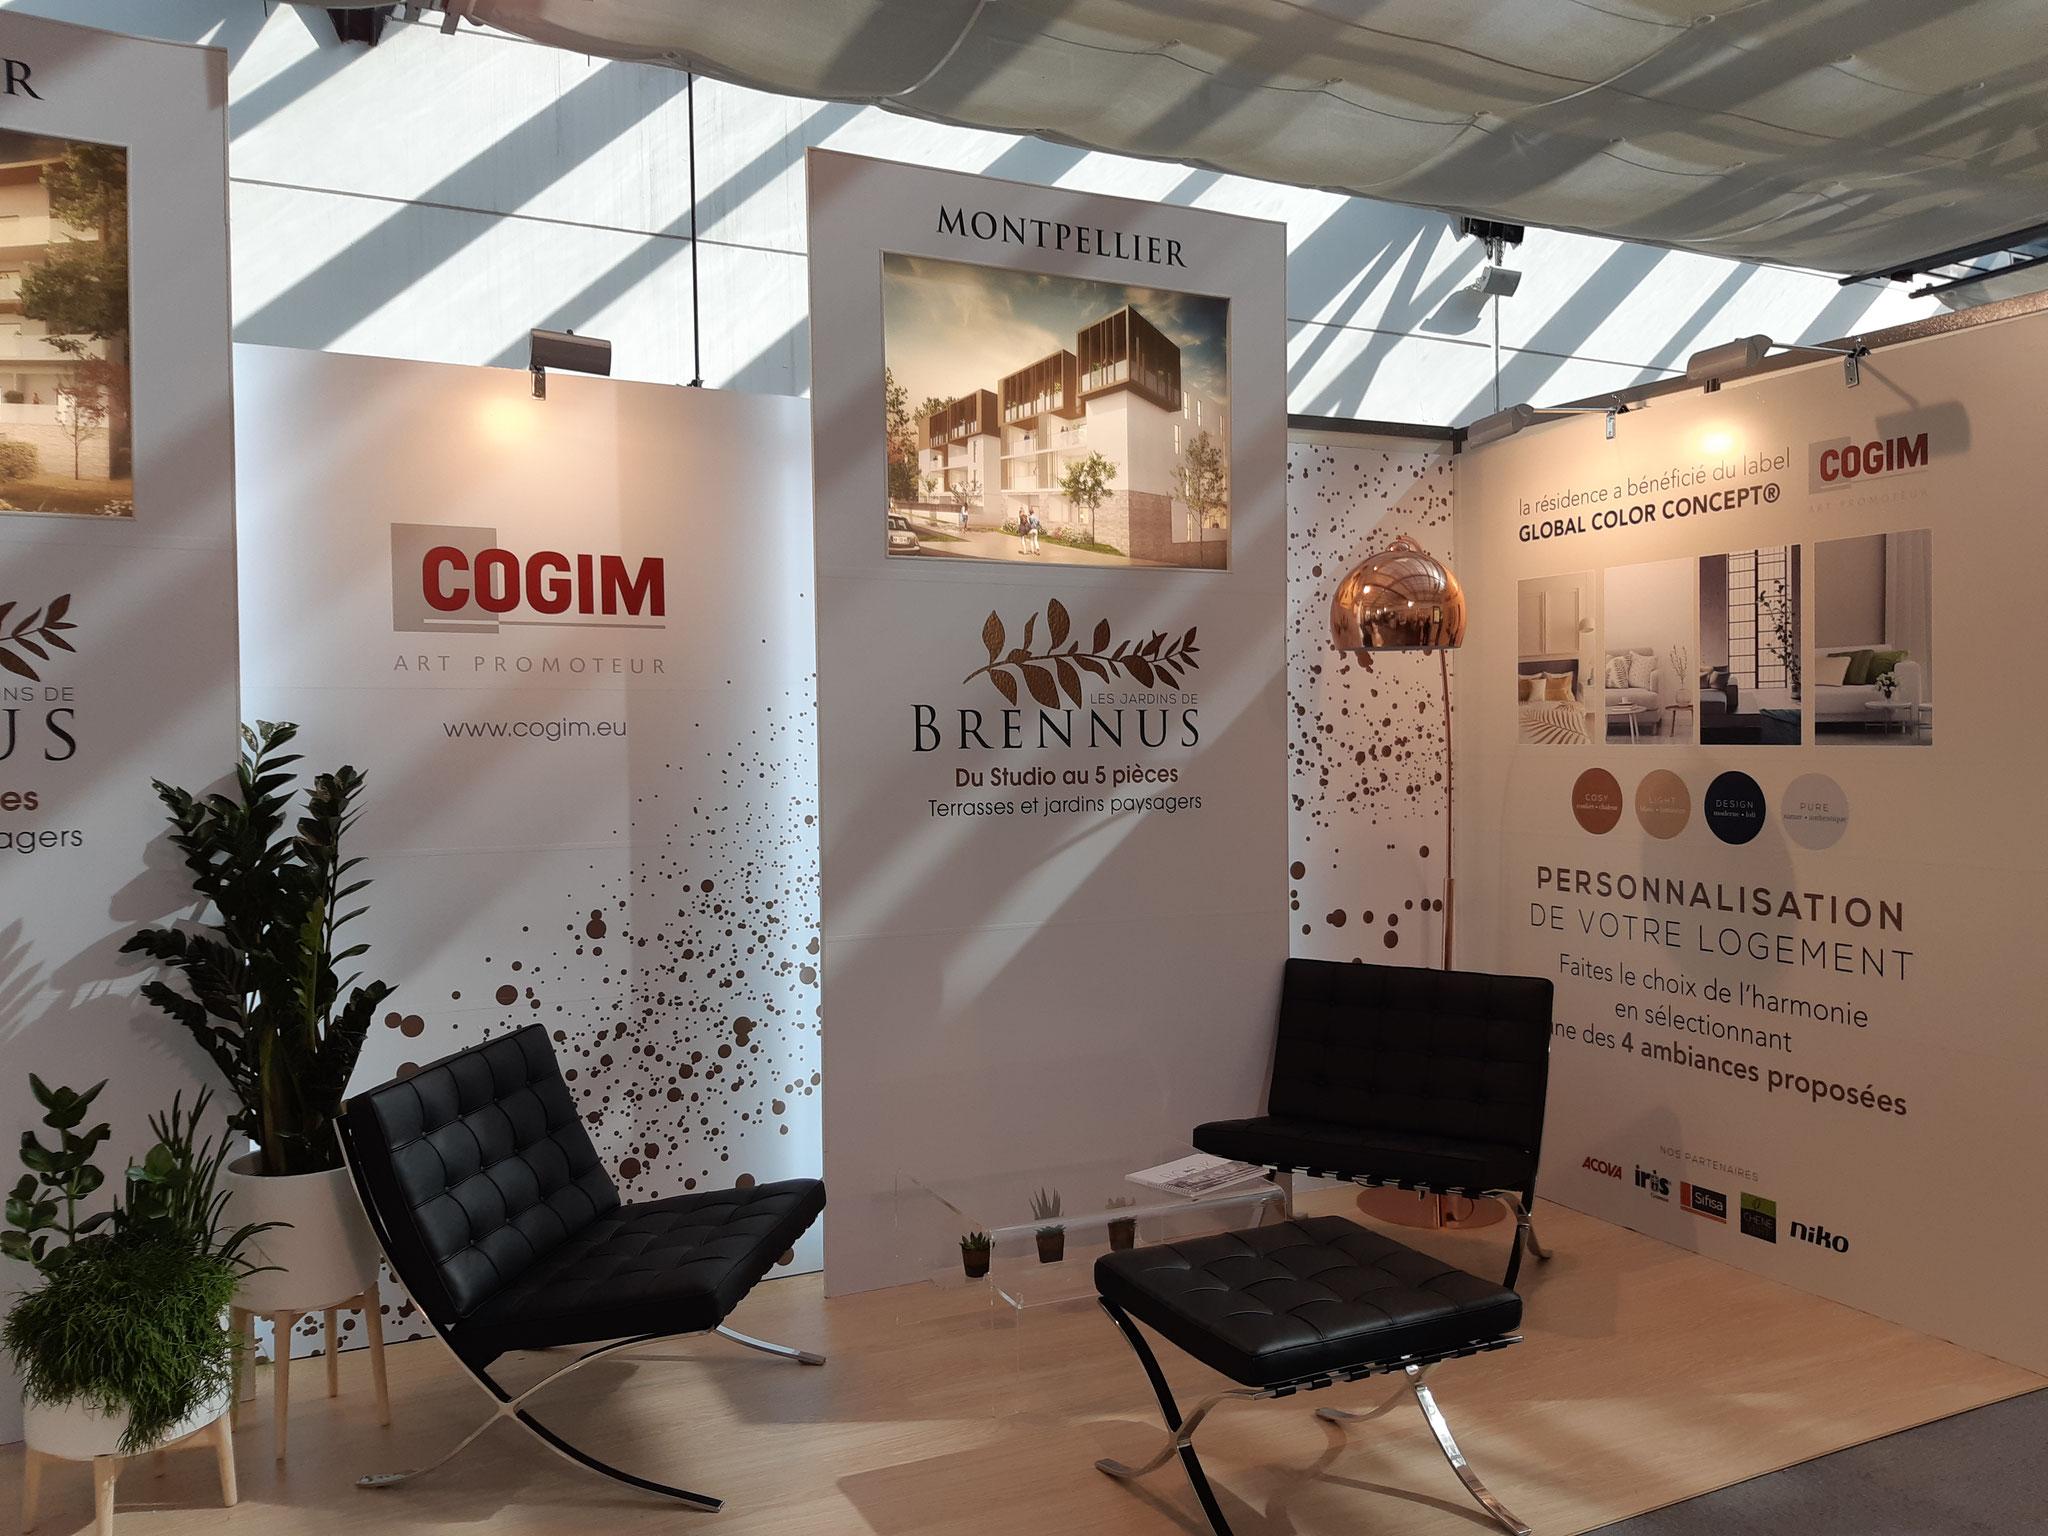 Stand COGIM au salon de l'immobilier à Montpellier